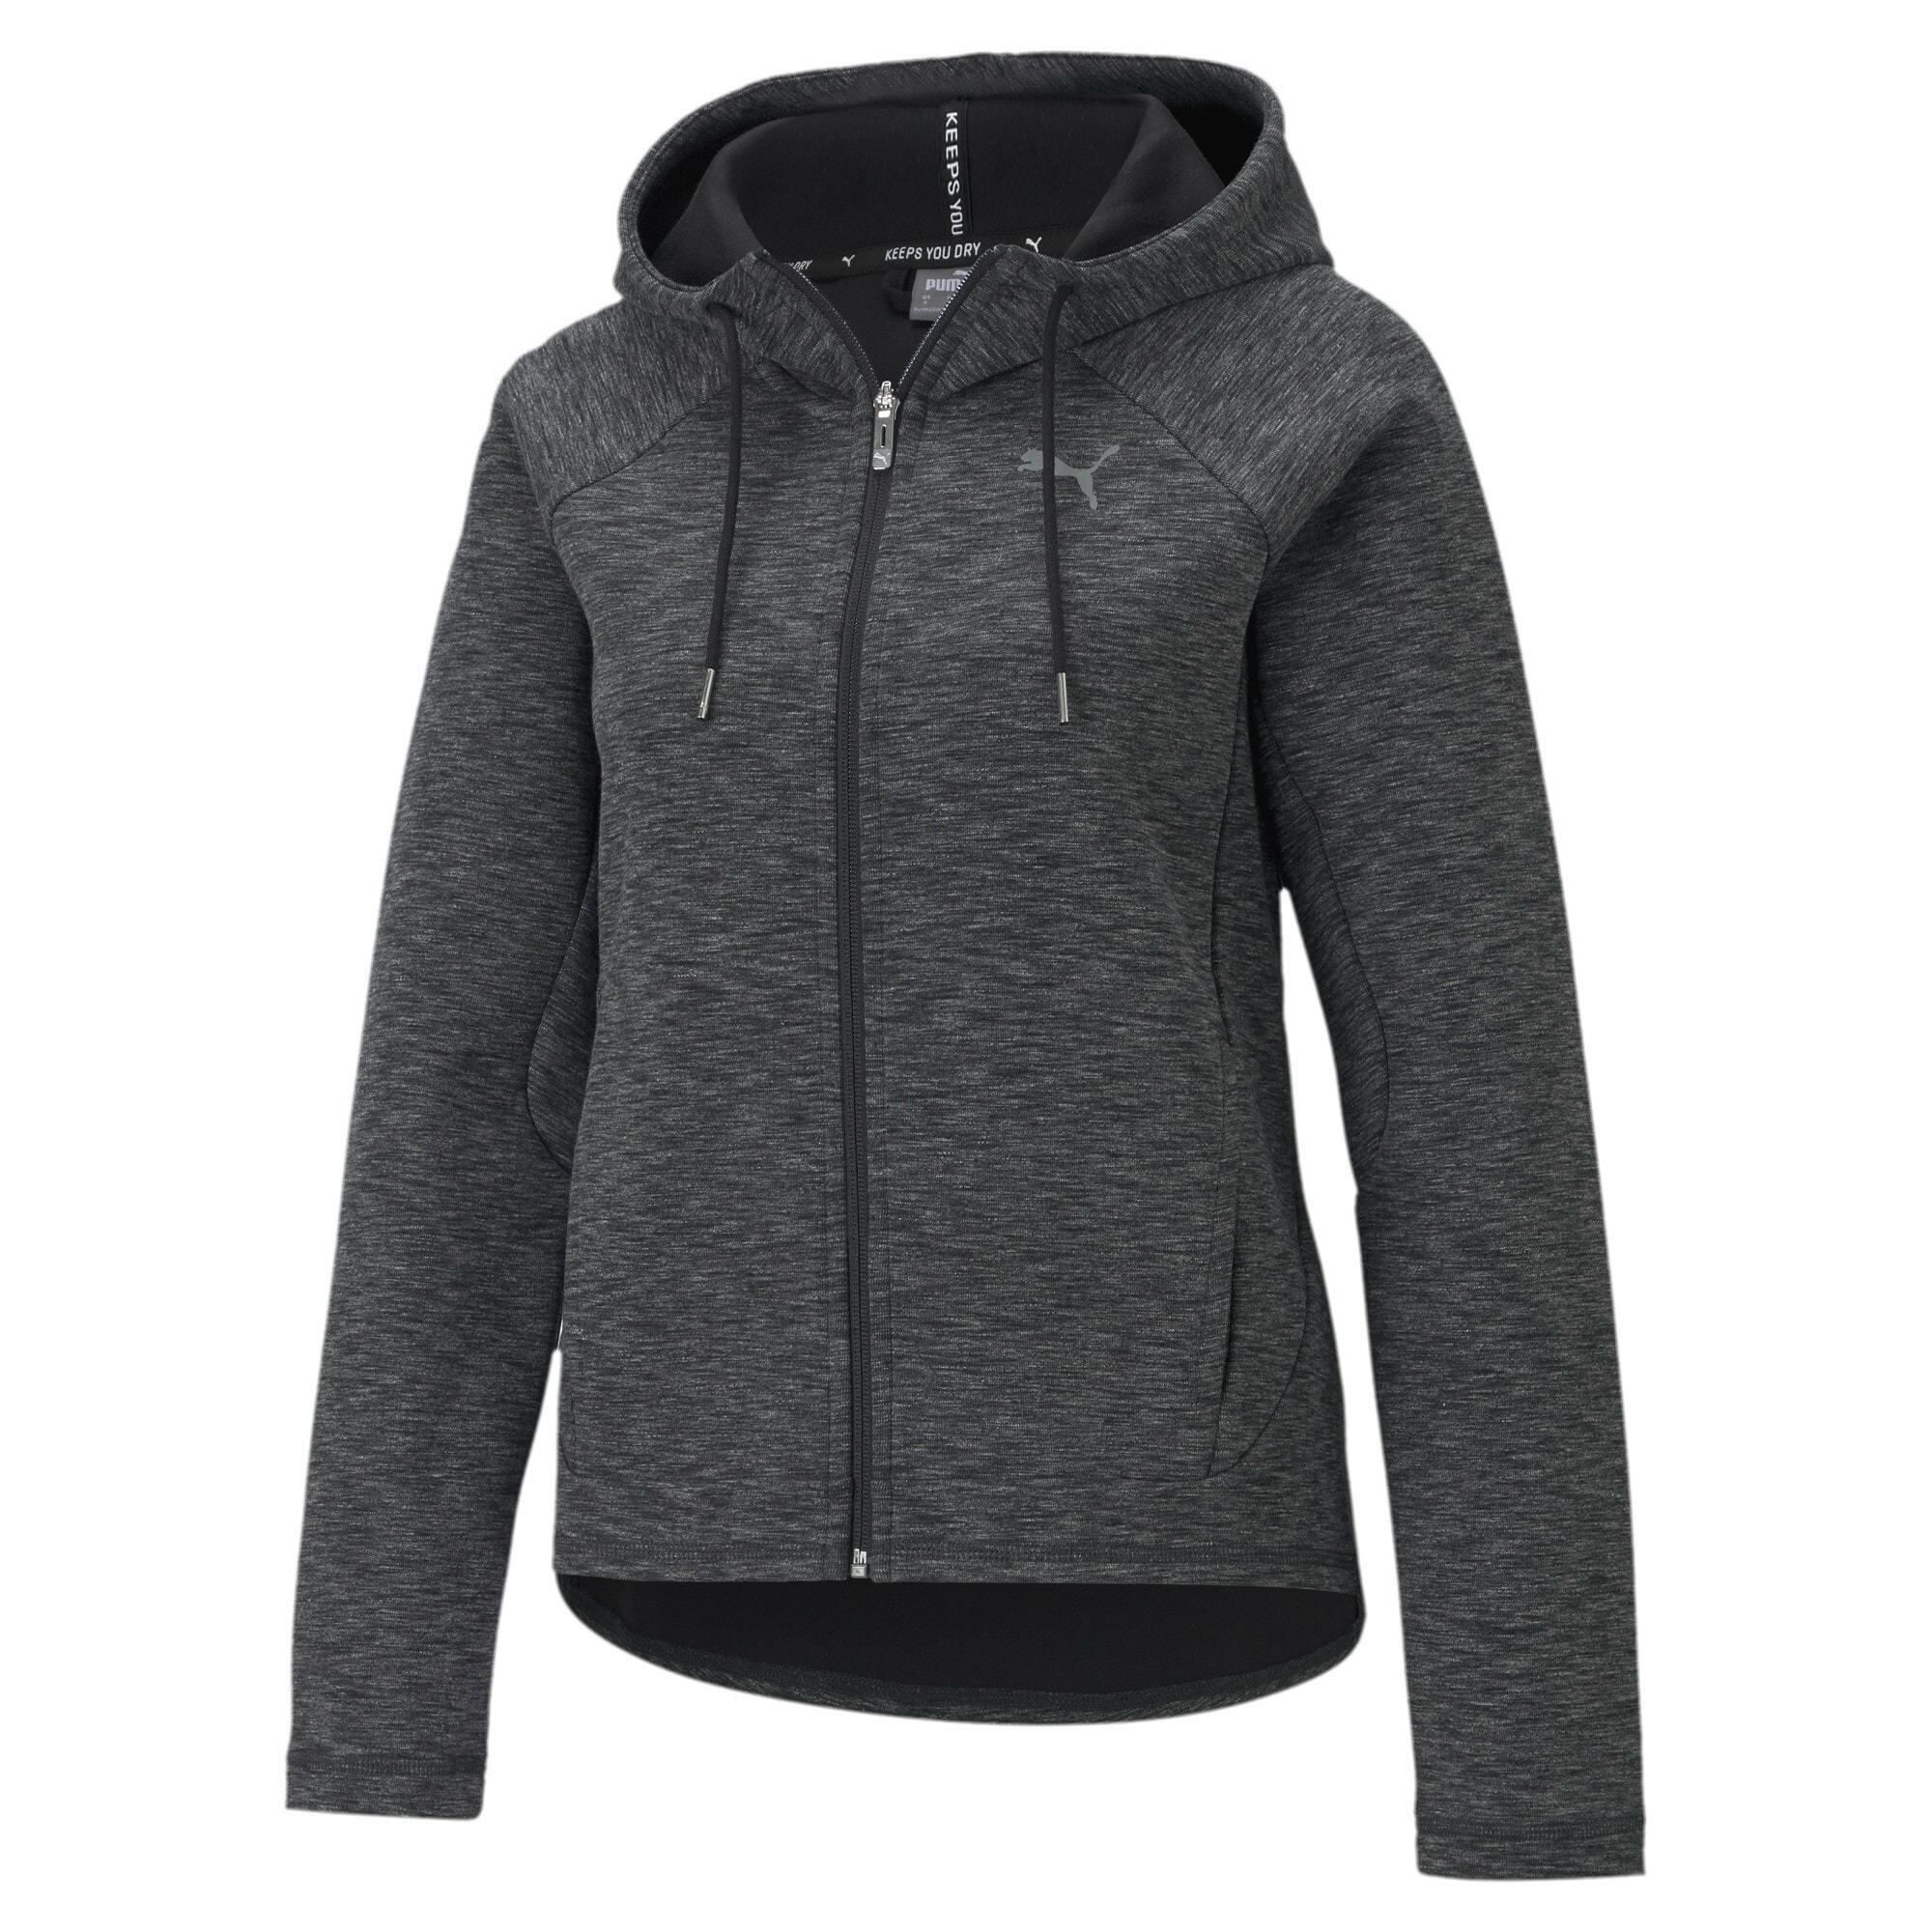 PUMA Sportinis džemperis margai juoda